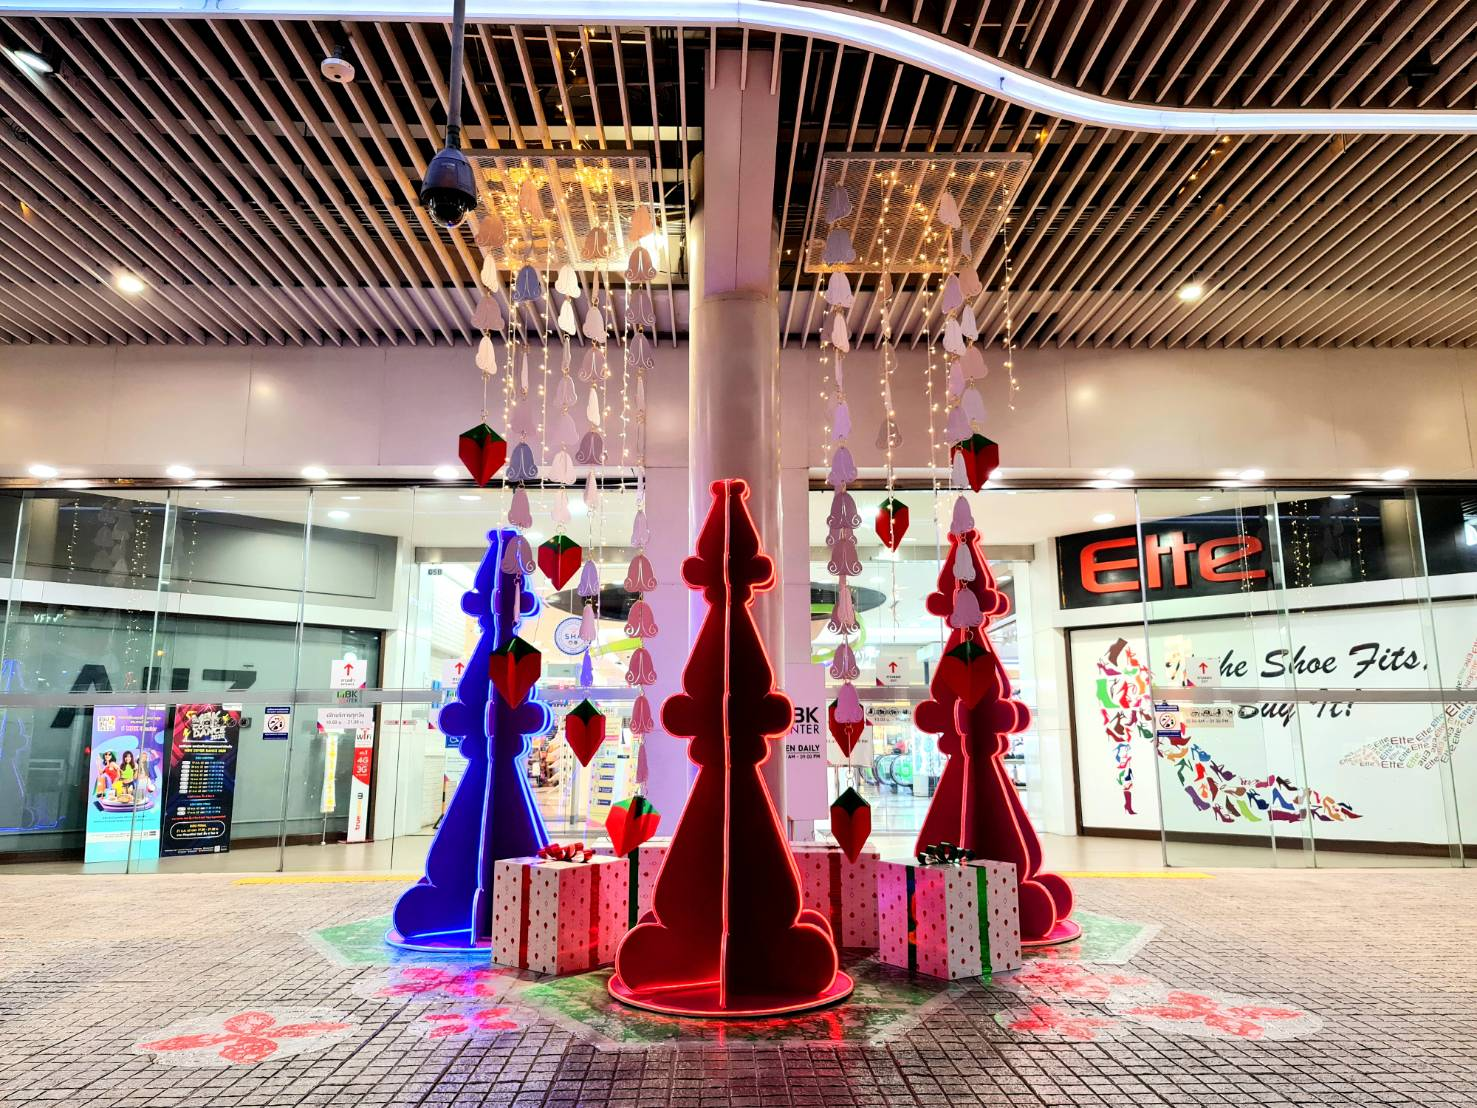 Kerstversiering bij MBK Center in Bangkok tijdens de kerstdagen van 2020